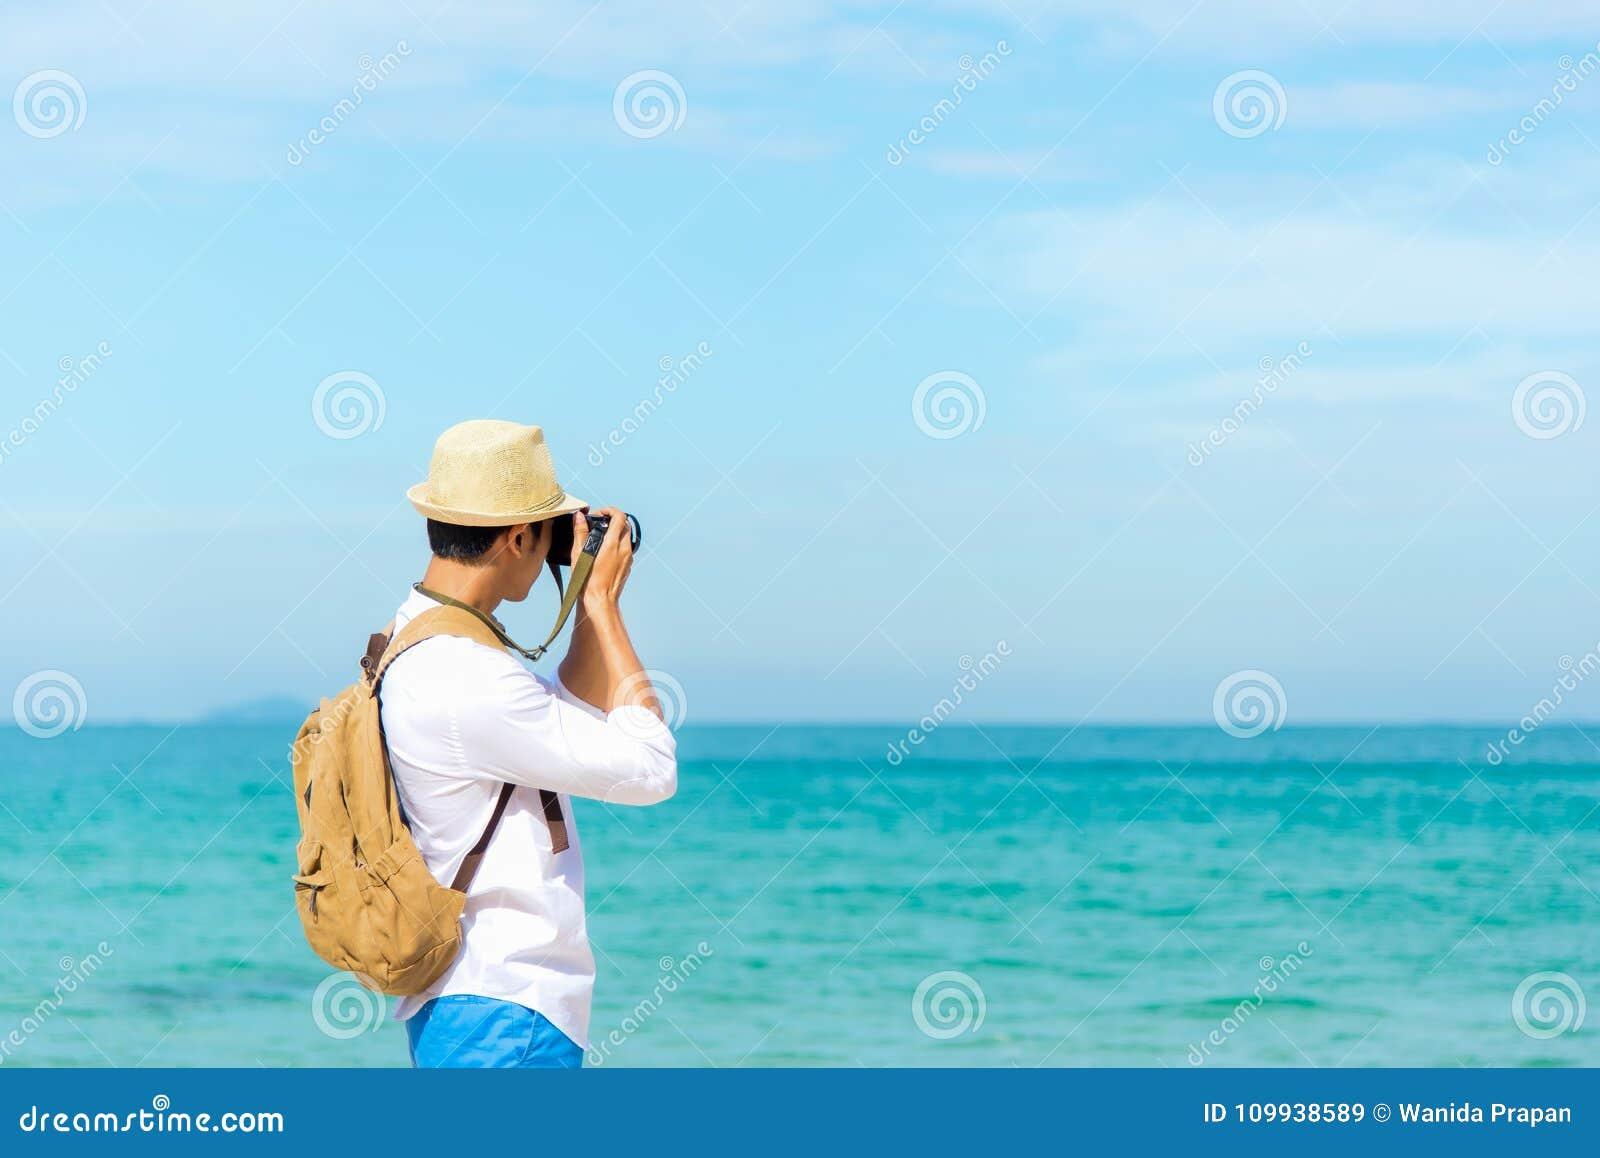 δέντρο πεδίων Ευτυχής χαμόγελου καυκάσια κάμερα εκμετάλλευσης νεαρών άνδρων τουριστών ασιατική